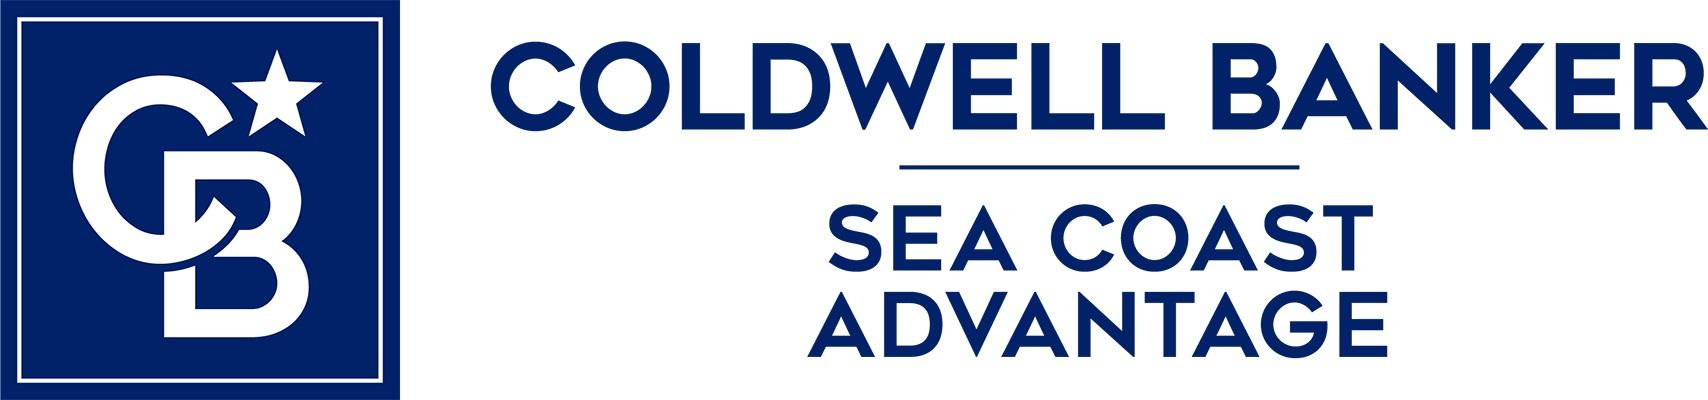 Wanda Mercer - Coldwell Banker Sea Coast Advantage Realty Logo